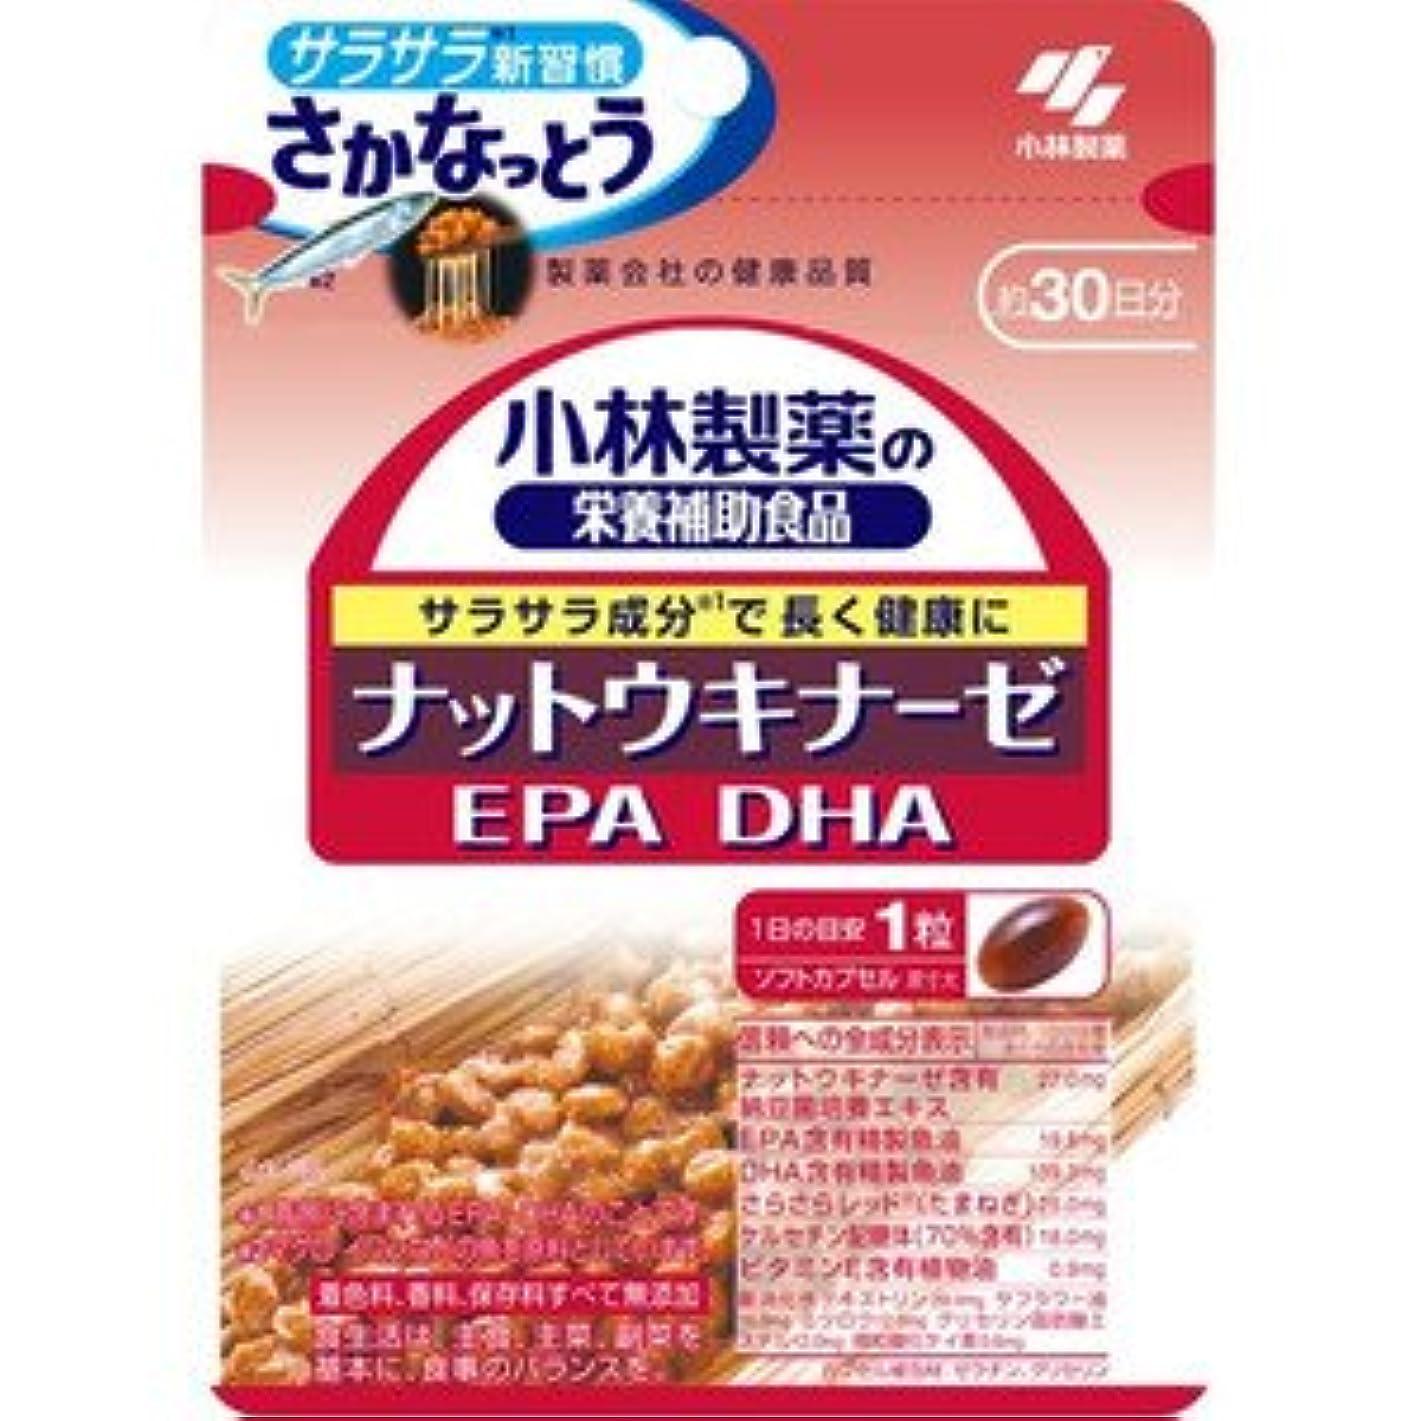 サワーどこにでもより【小林製薬】ナットウキナーゼ (EPA/DHA) 30粒(お買い得3個セット)